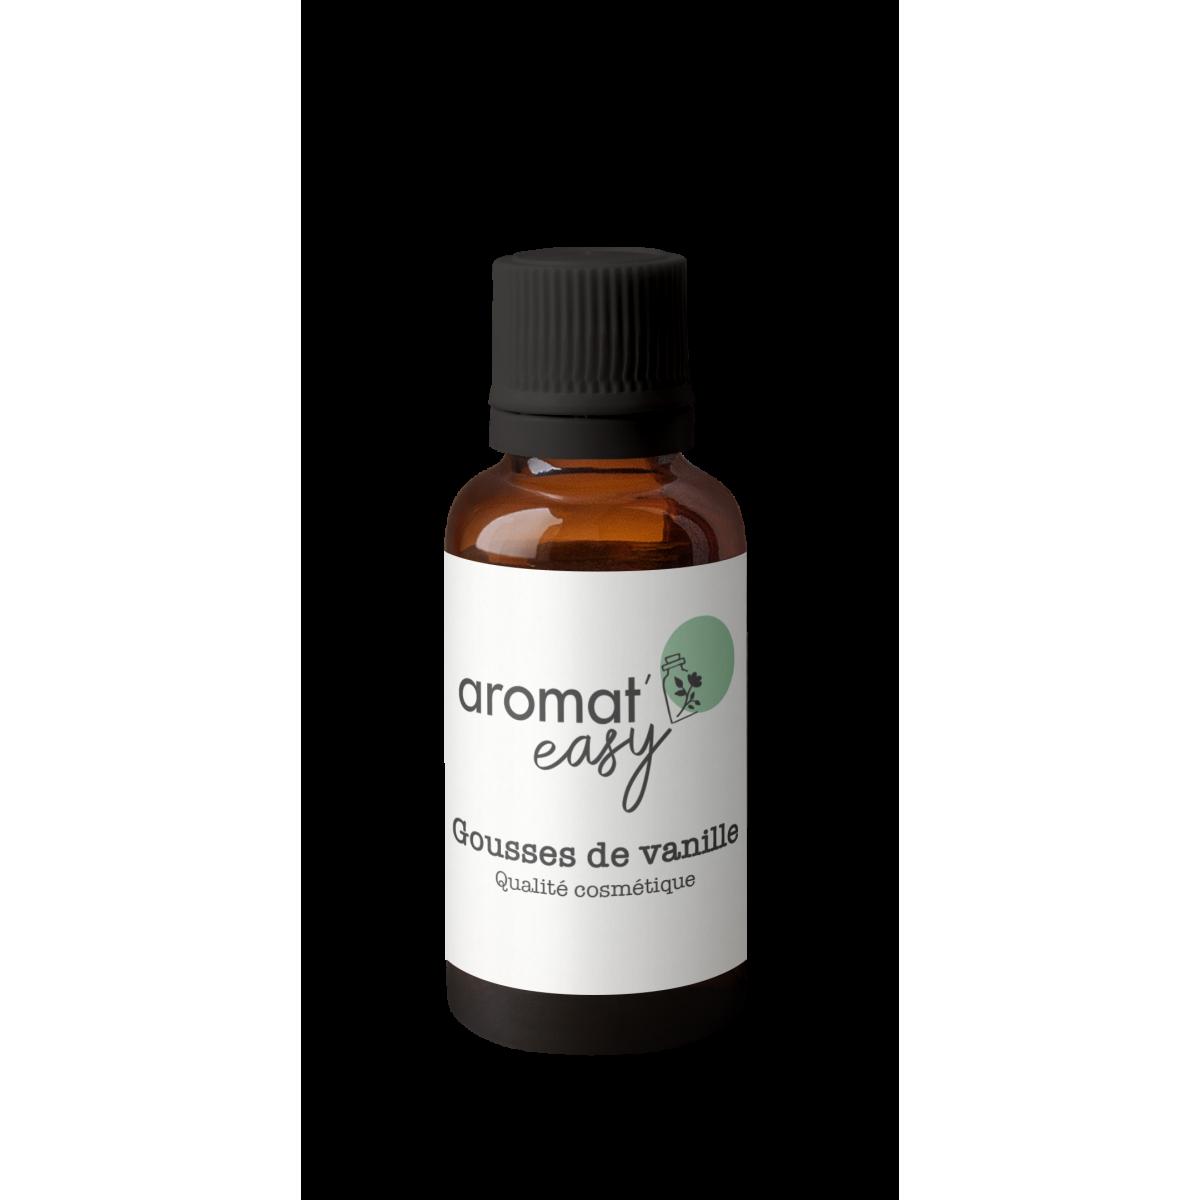 Fragrance Gousses de vanille